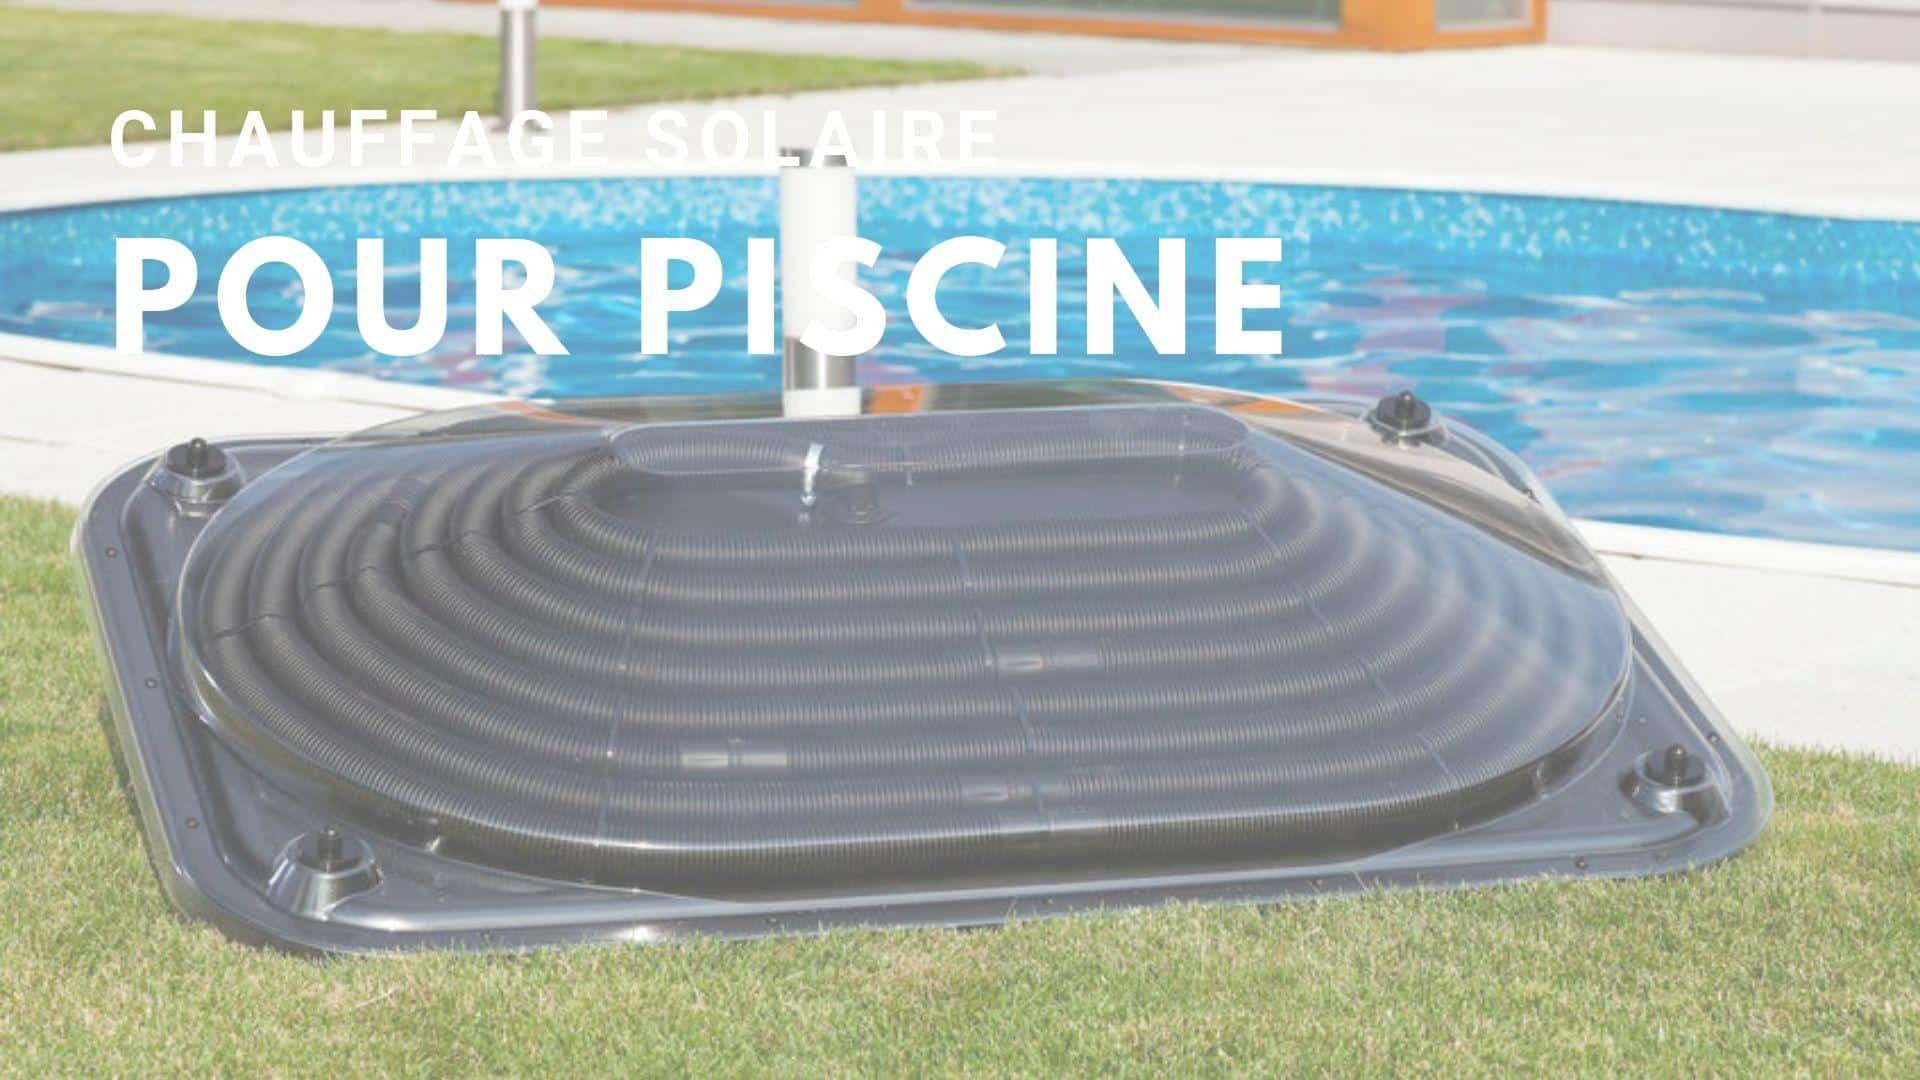 Chauffage solaire pour piscine tout savoir guide piscine - Chauffer sa piscine avec tuyau noir ...